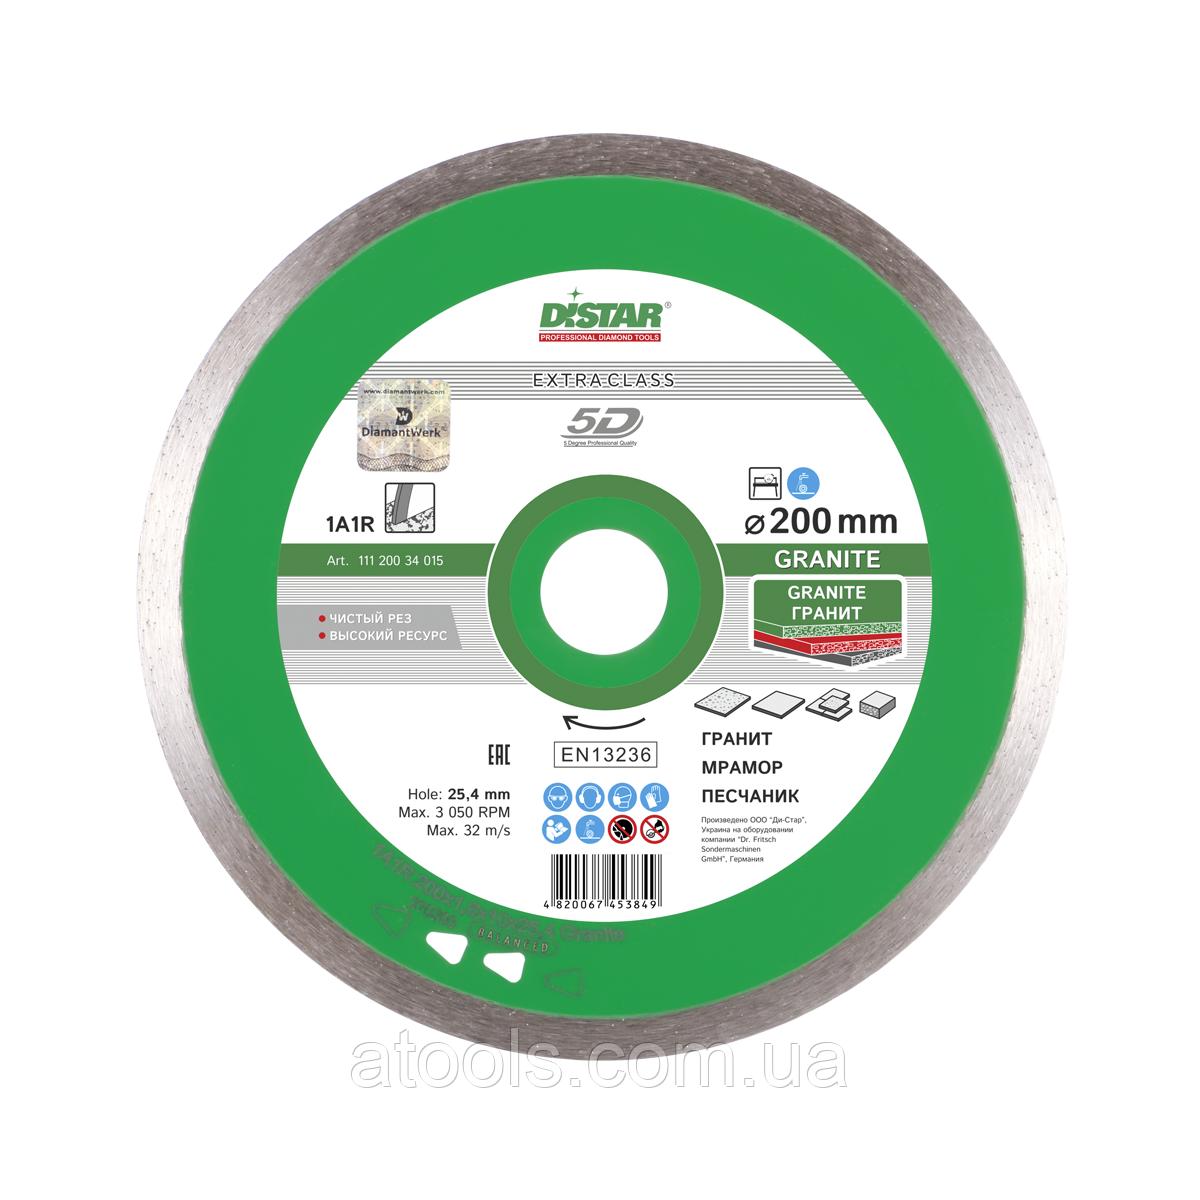 Алмазный отрезной диск Distar Granite 1A1R 400x2.2x10x32 (11127034026)